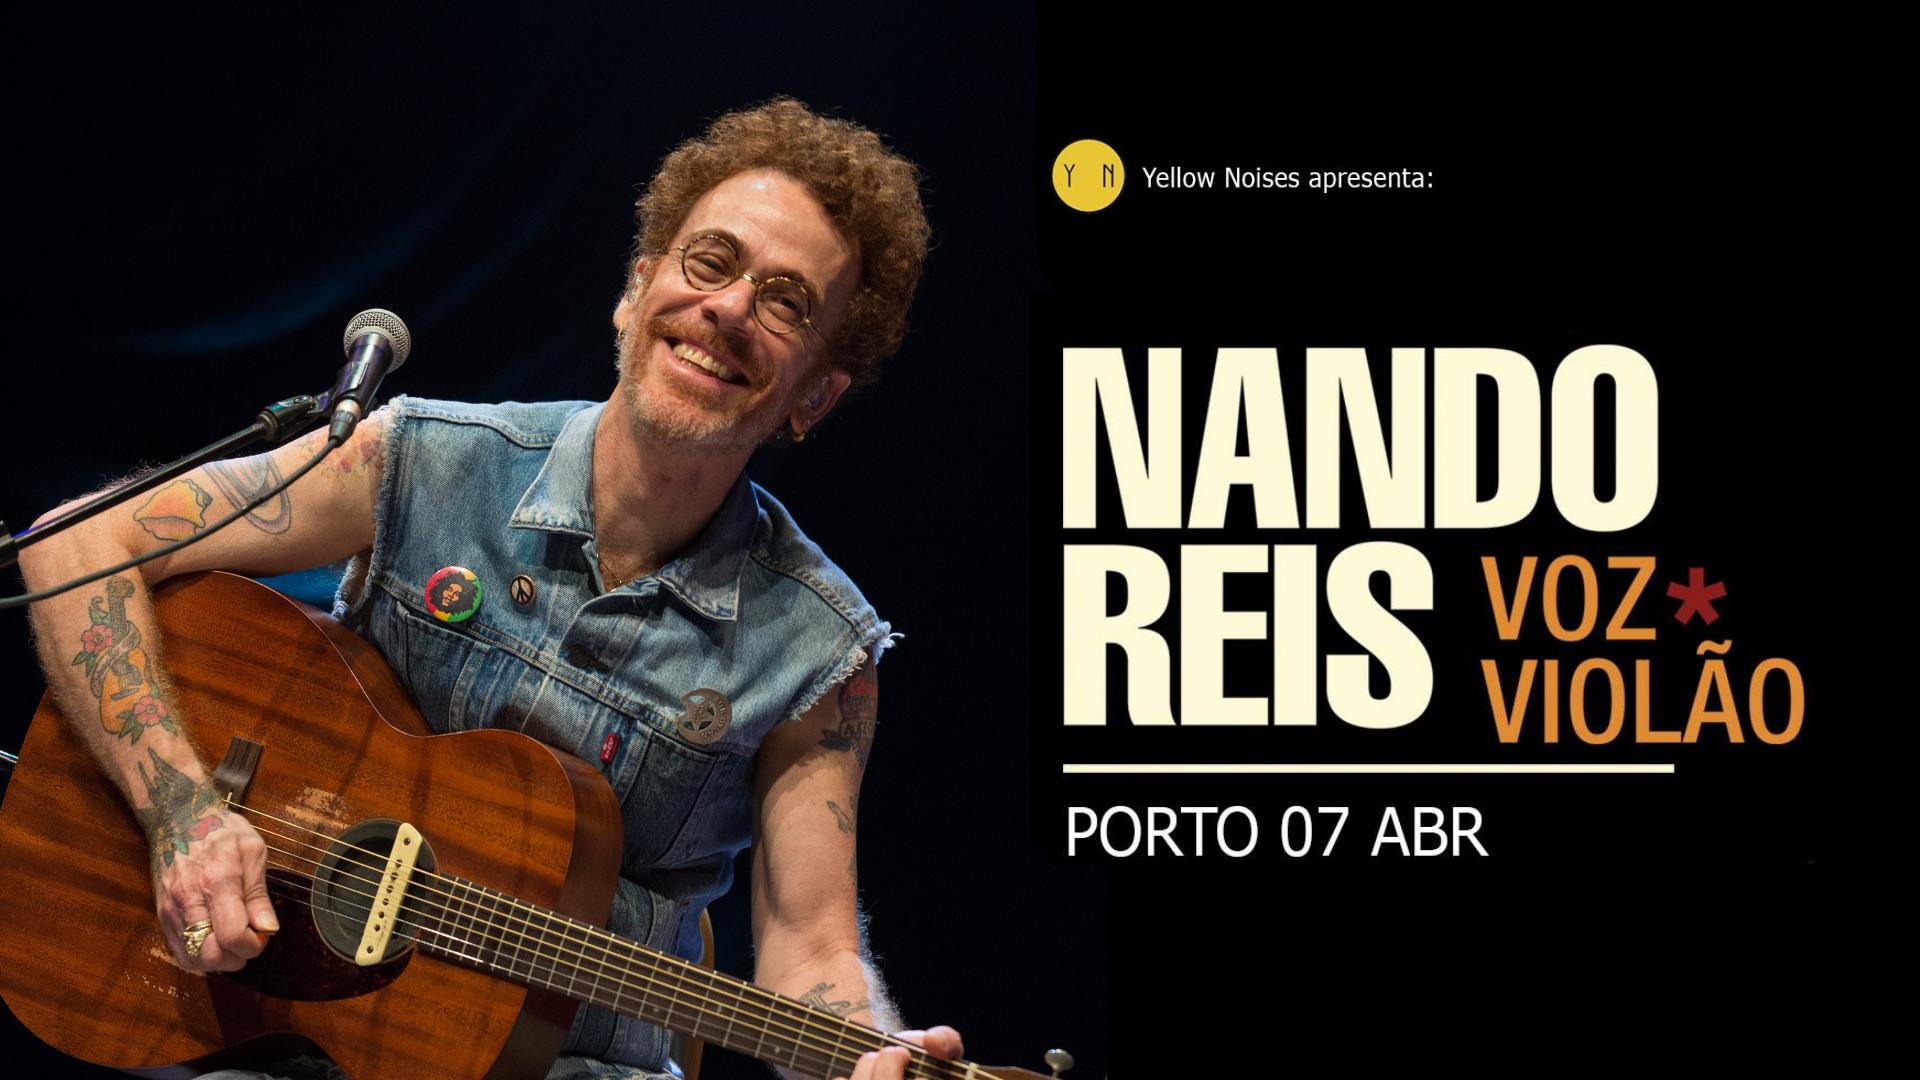 Nando Reis - Porto